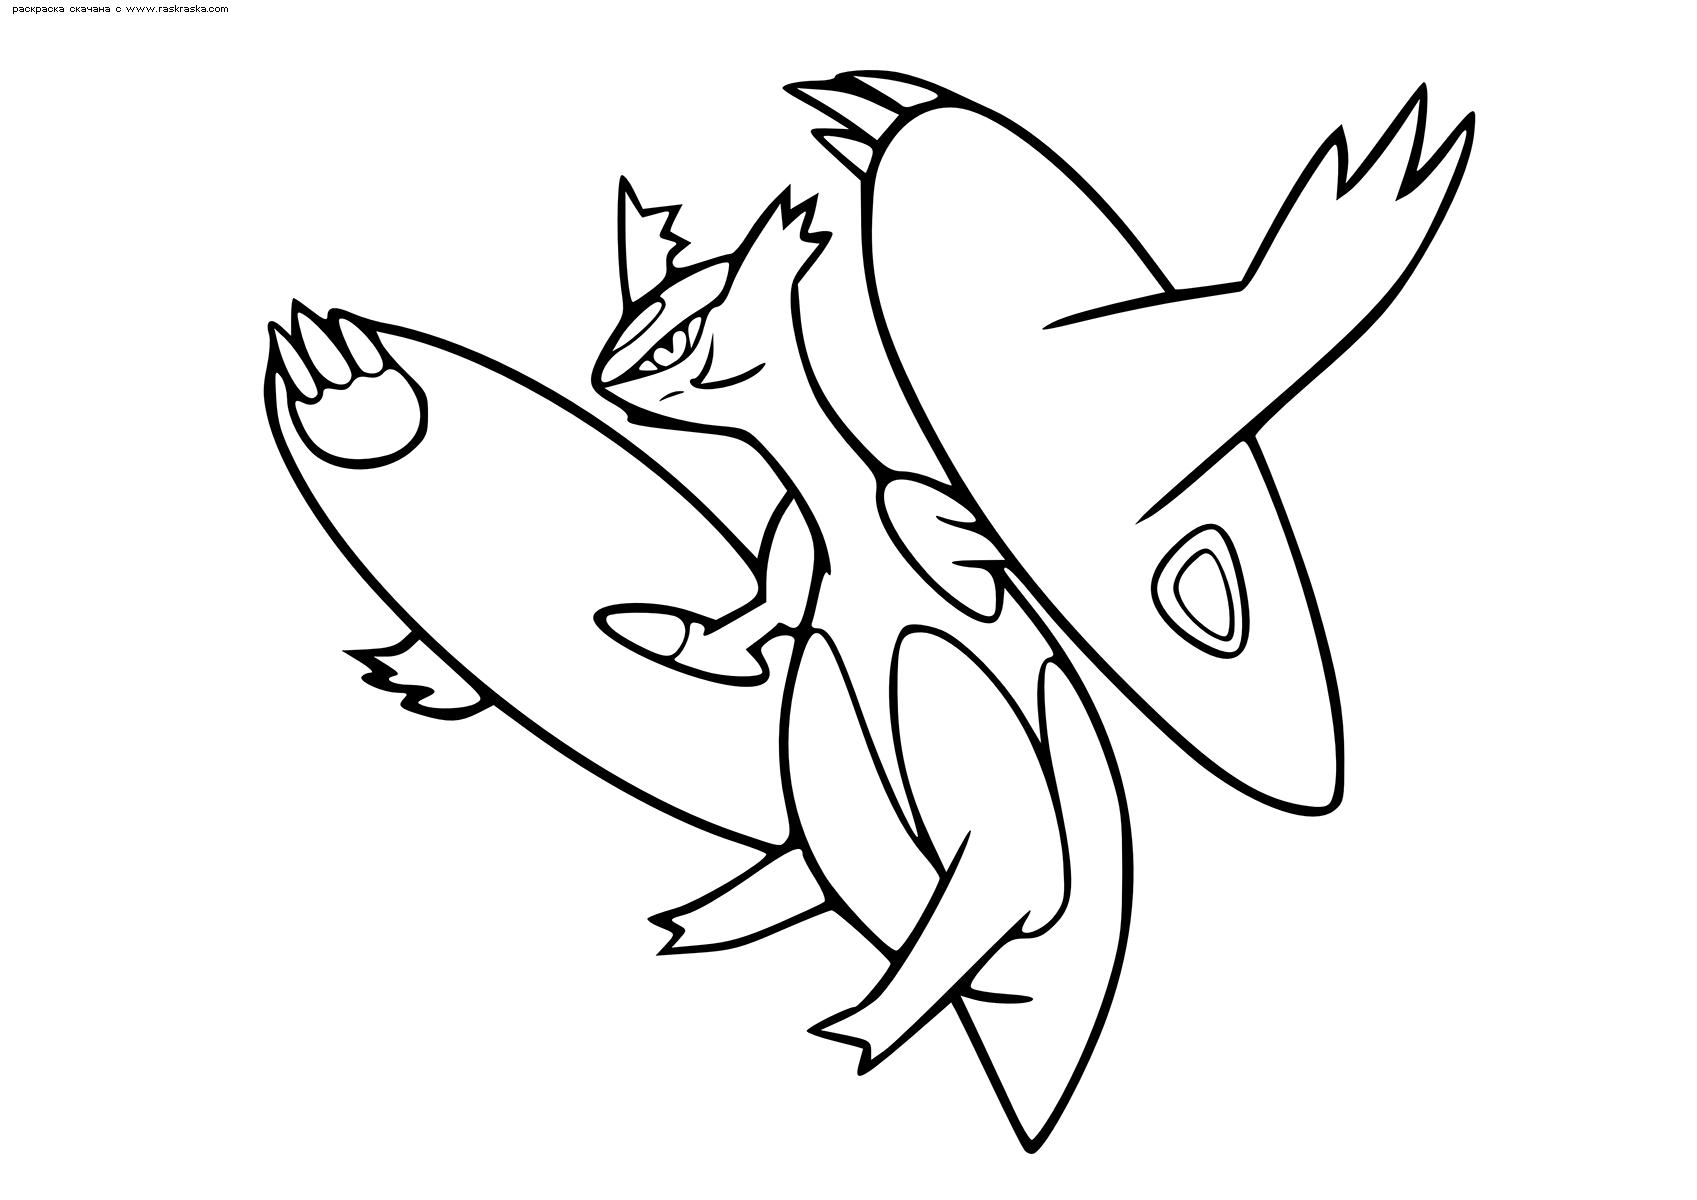 Раскраска Покемон Мега Латиас (Mega Latias). Раскраска Покемон